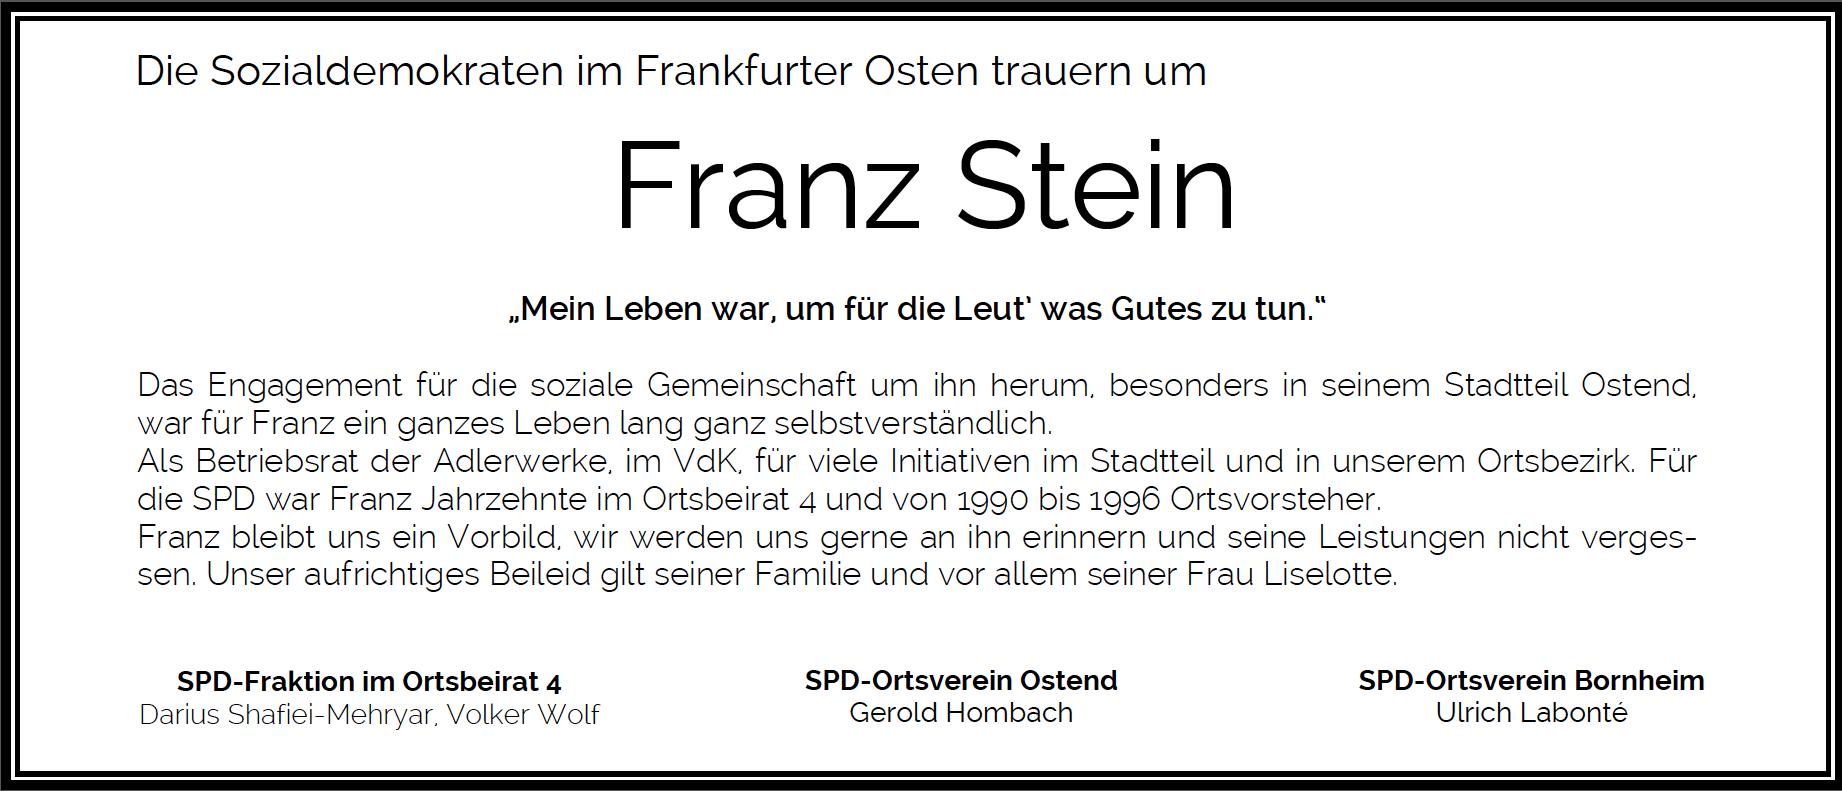 Traueranzeige_Franz